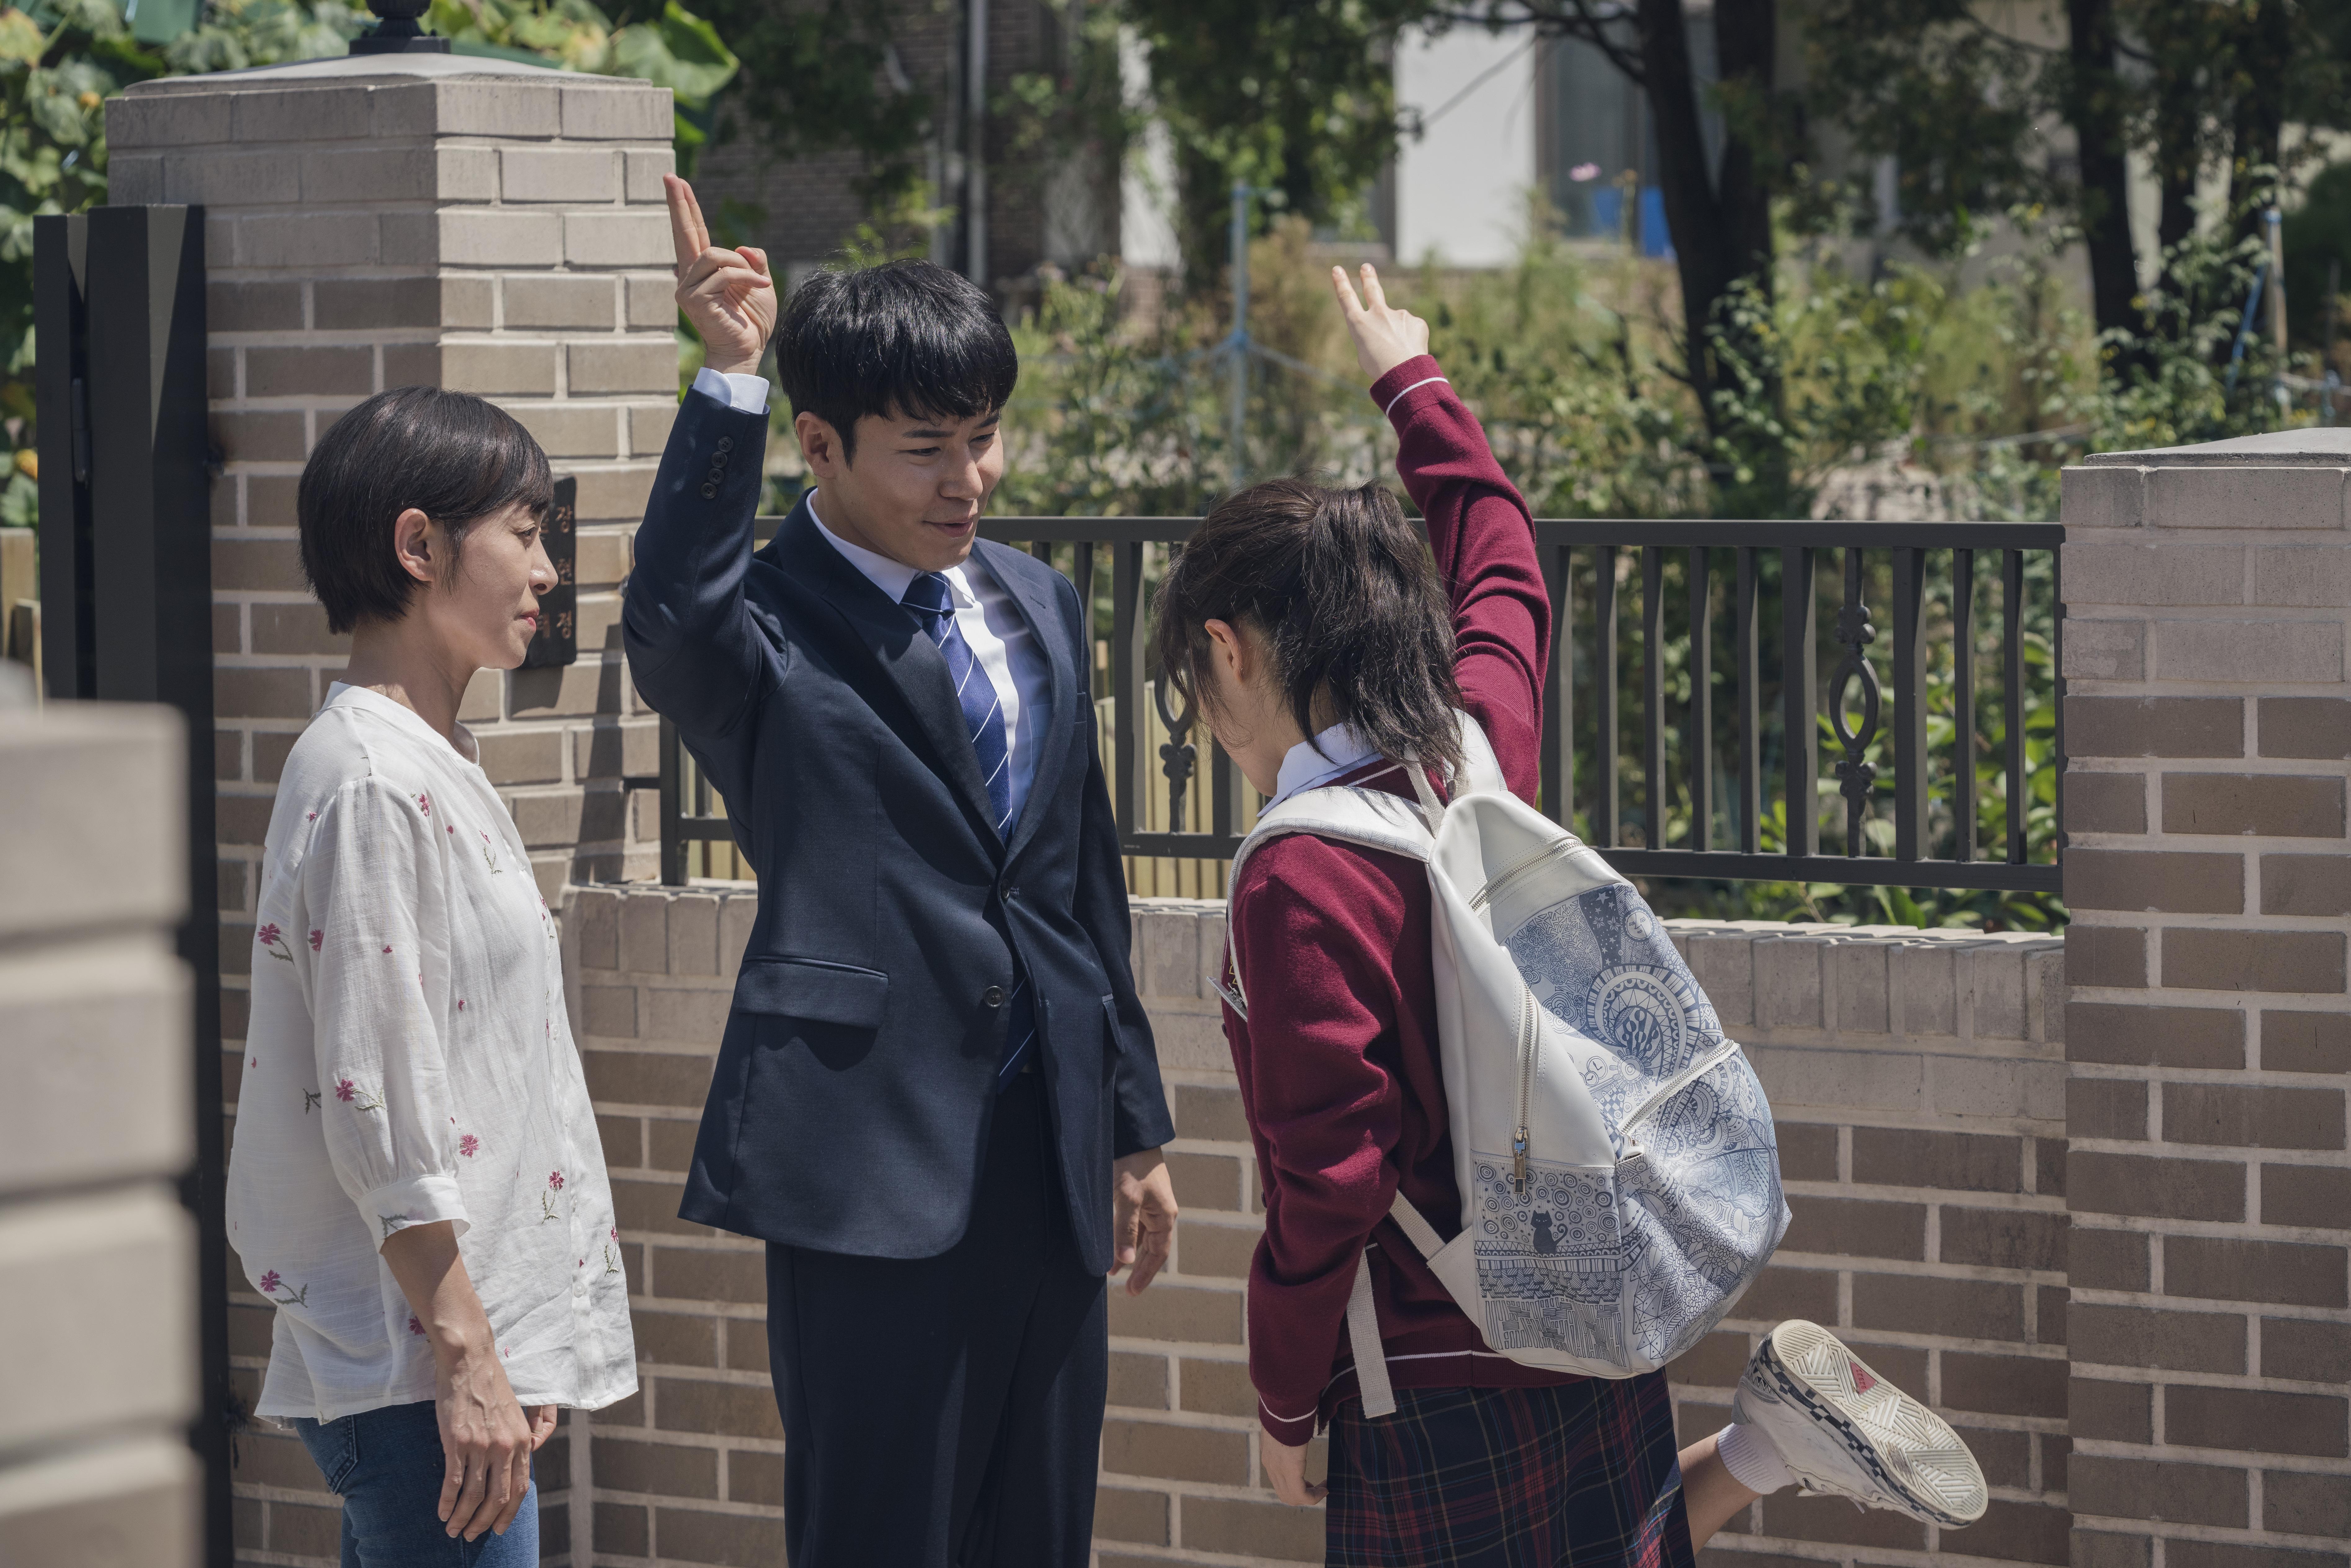 《秘密森林》男星李奎炯在戲中飾演負責案件的檢察官,跟自閉患者相處有一套。